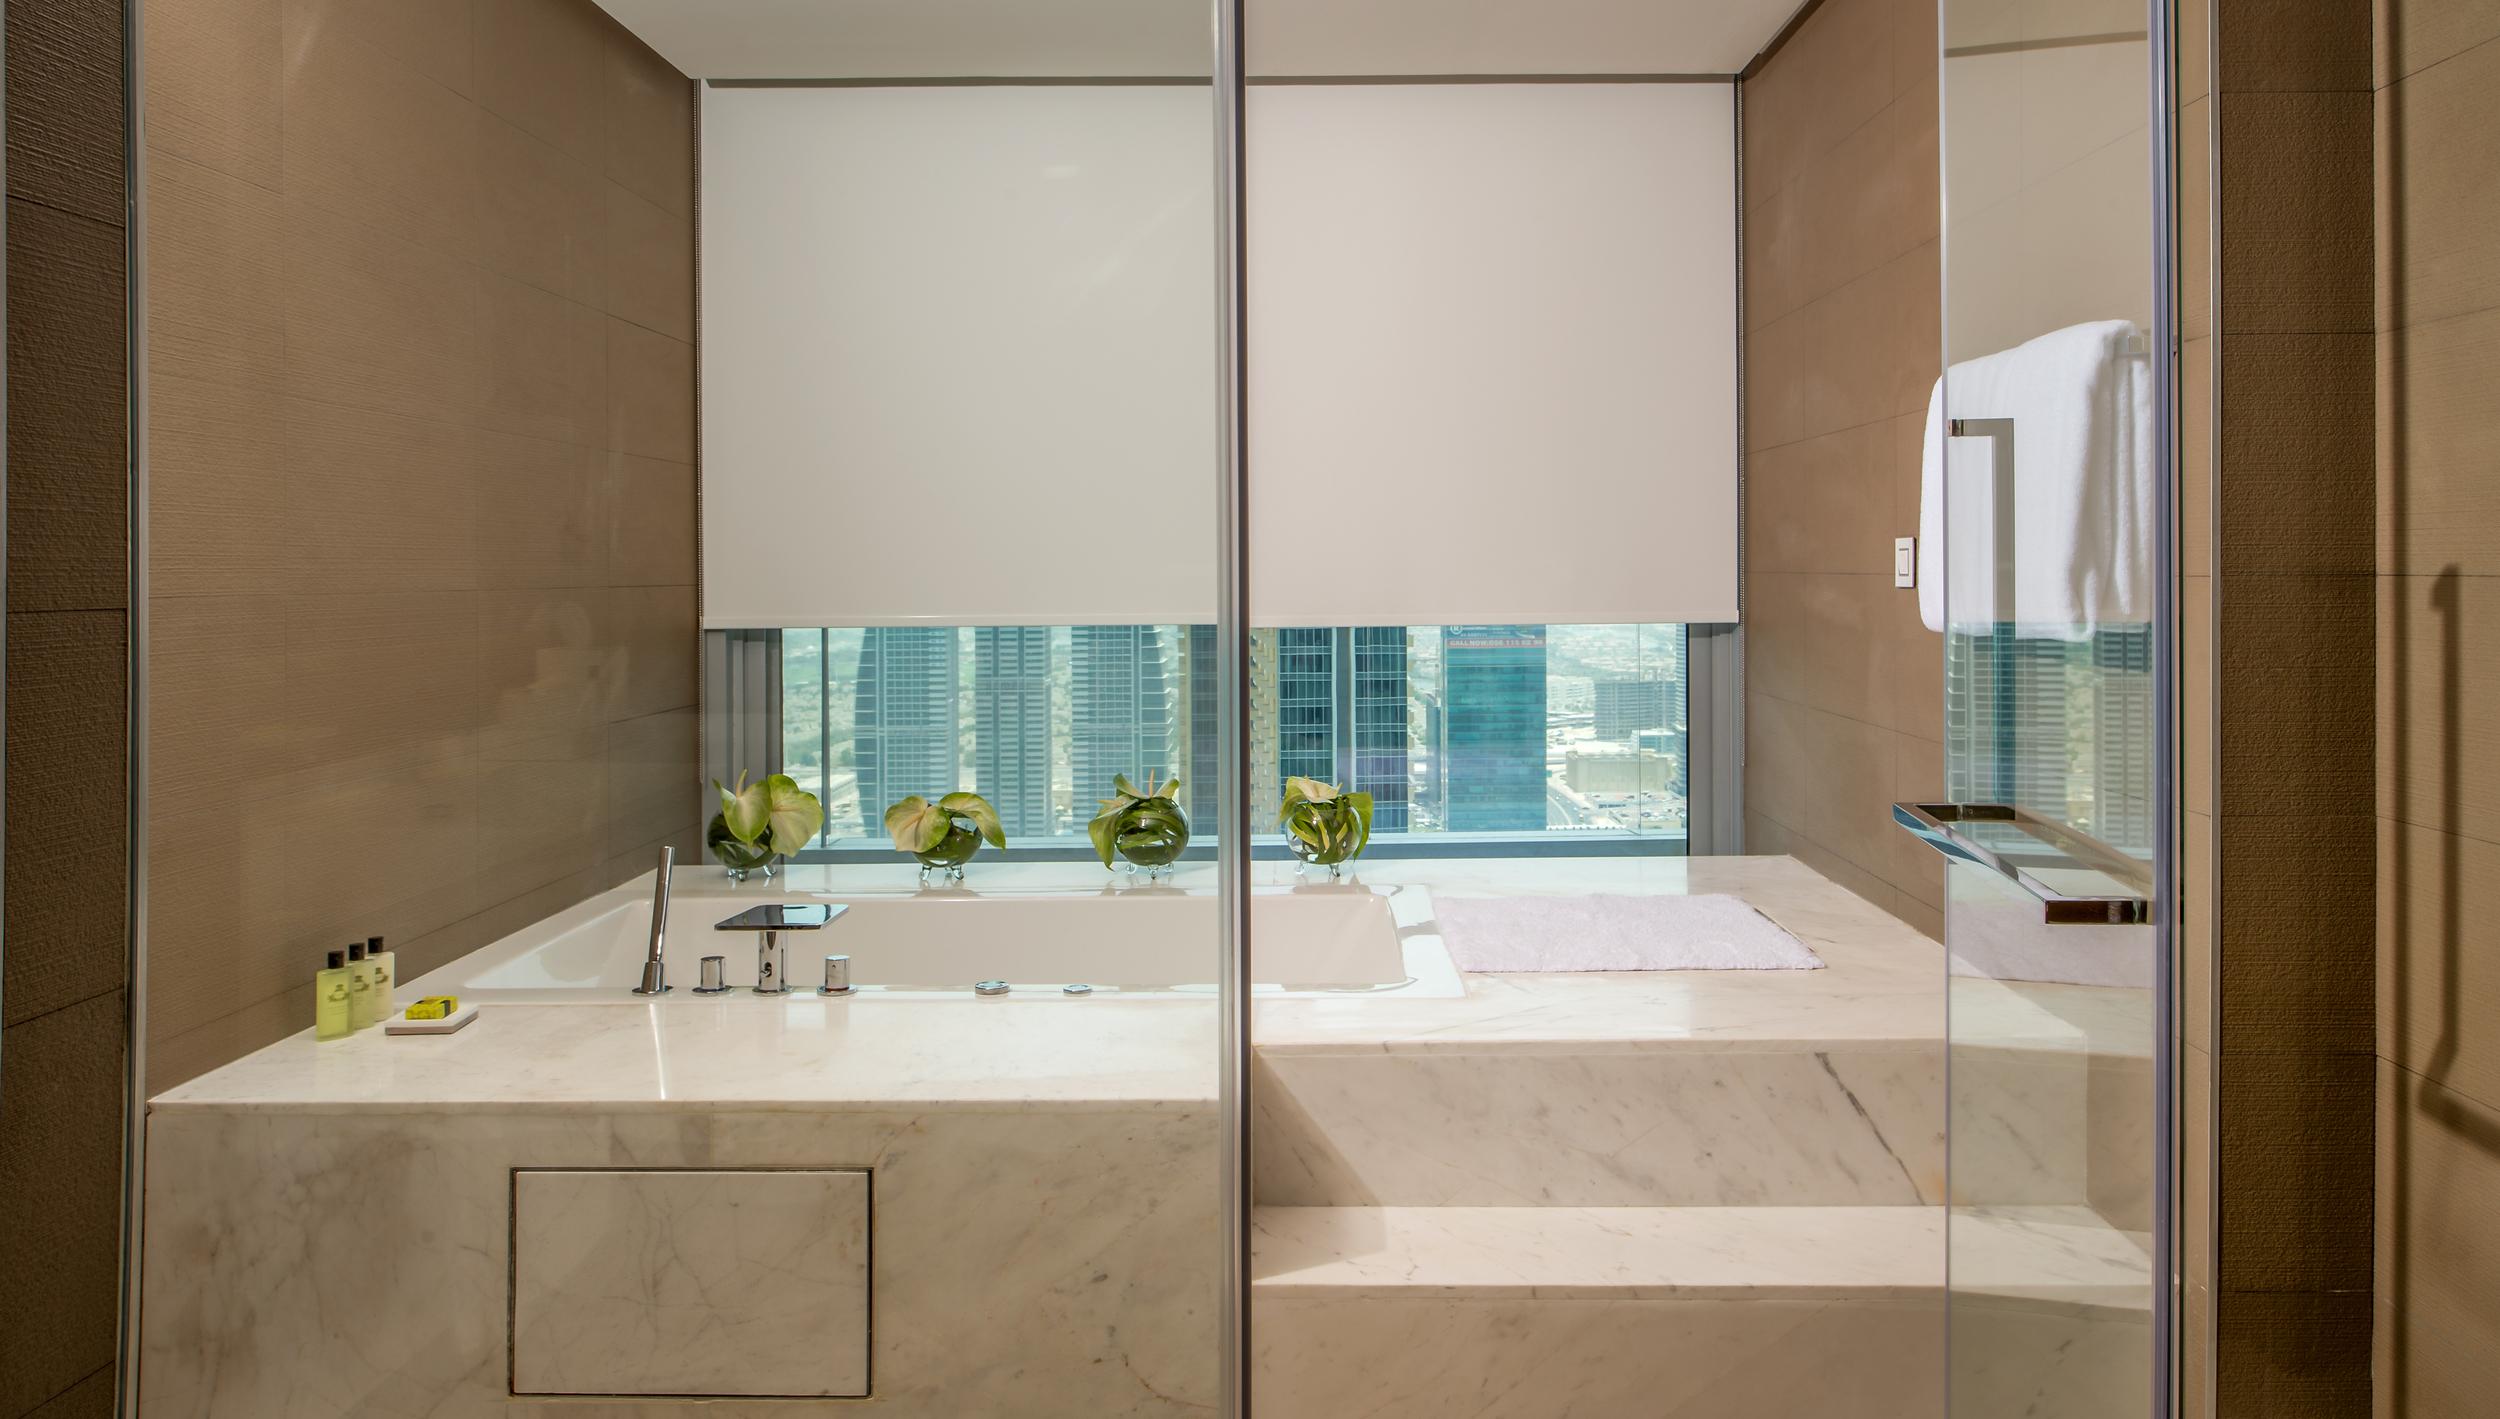 Room 3801 Bathroom Bedroom Master View 1.jpg